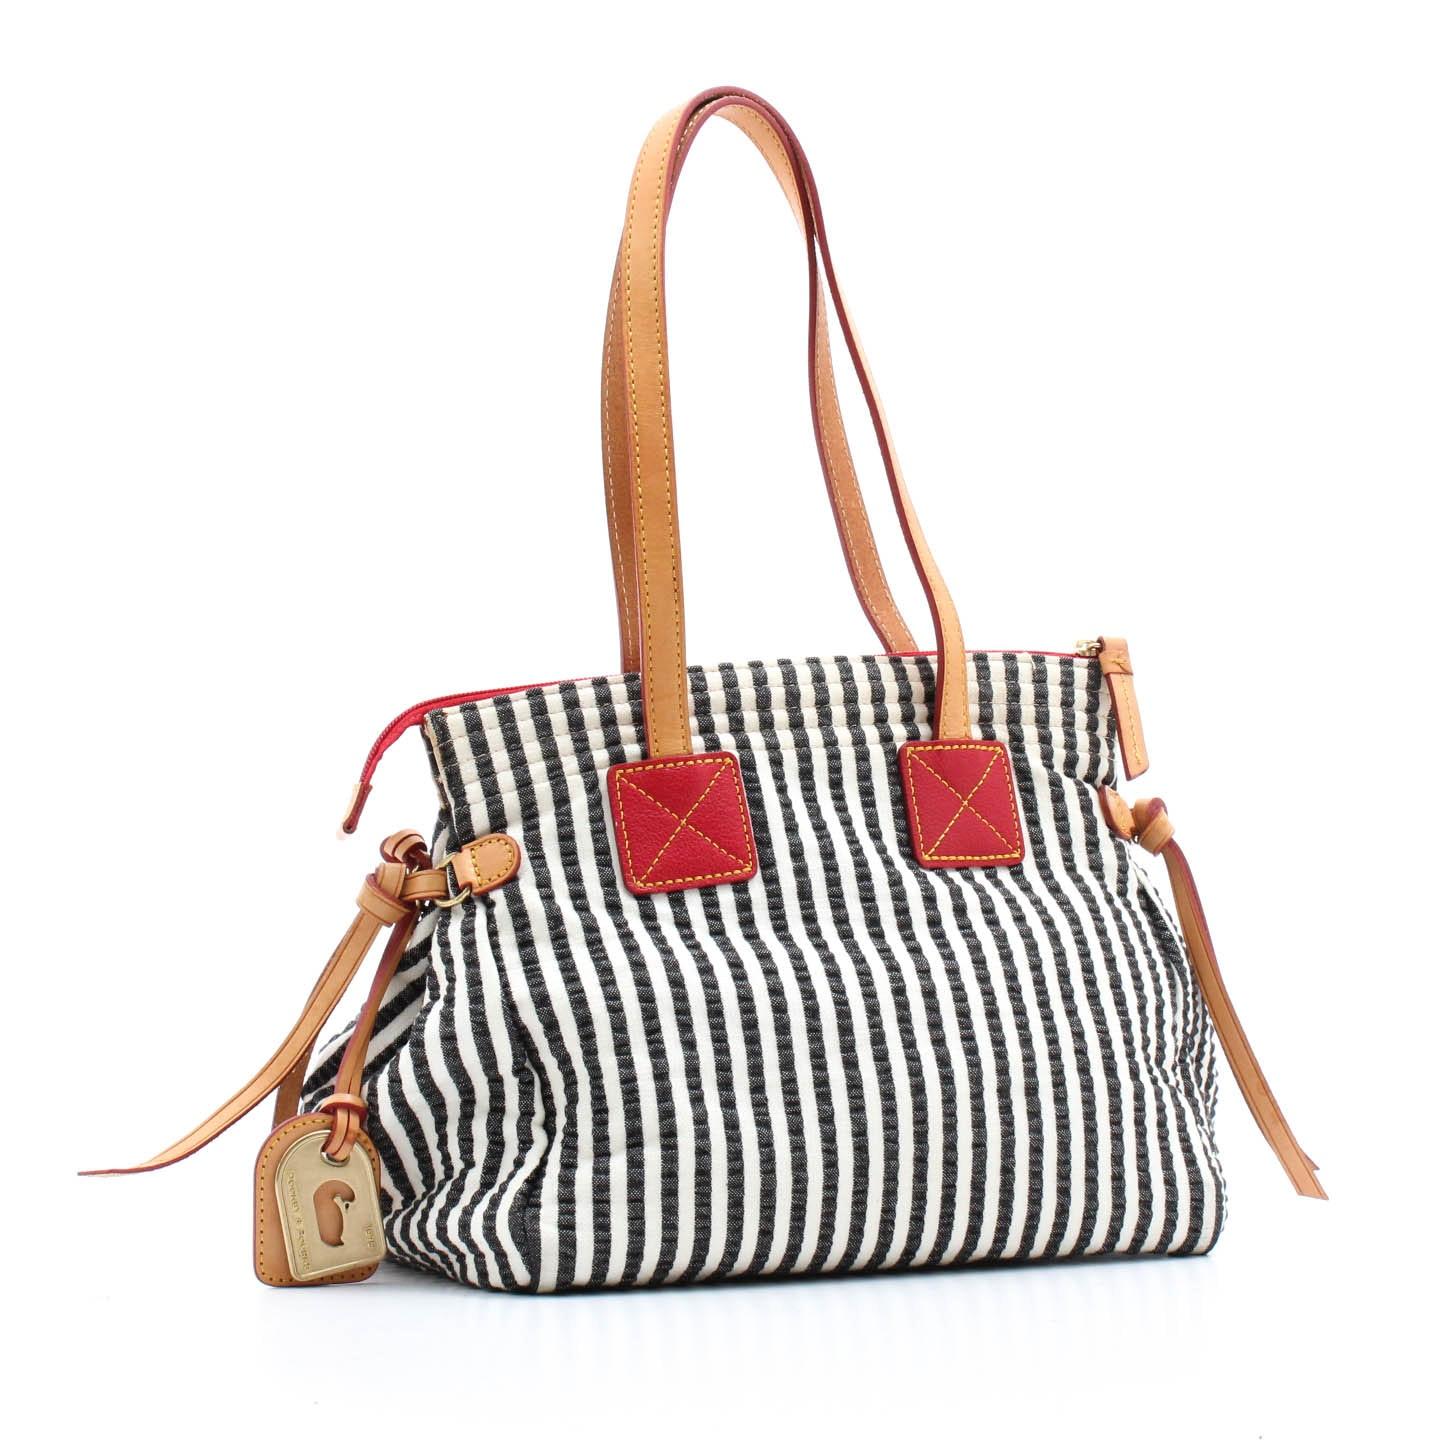 Dooney & Bourke Seersucker Stripe and Leather Handbag